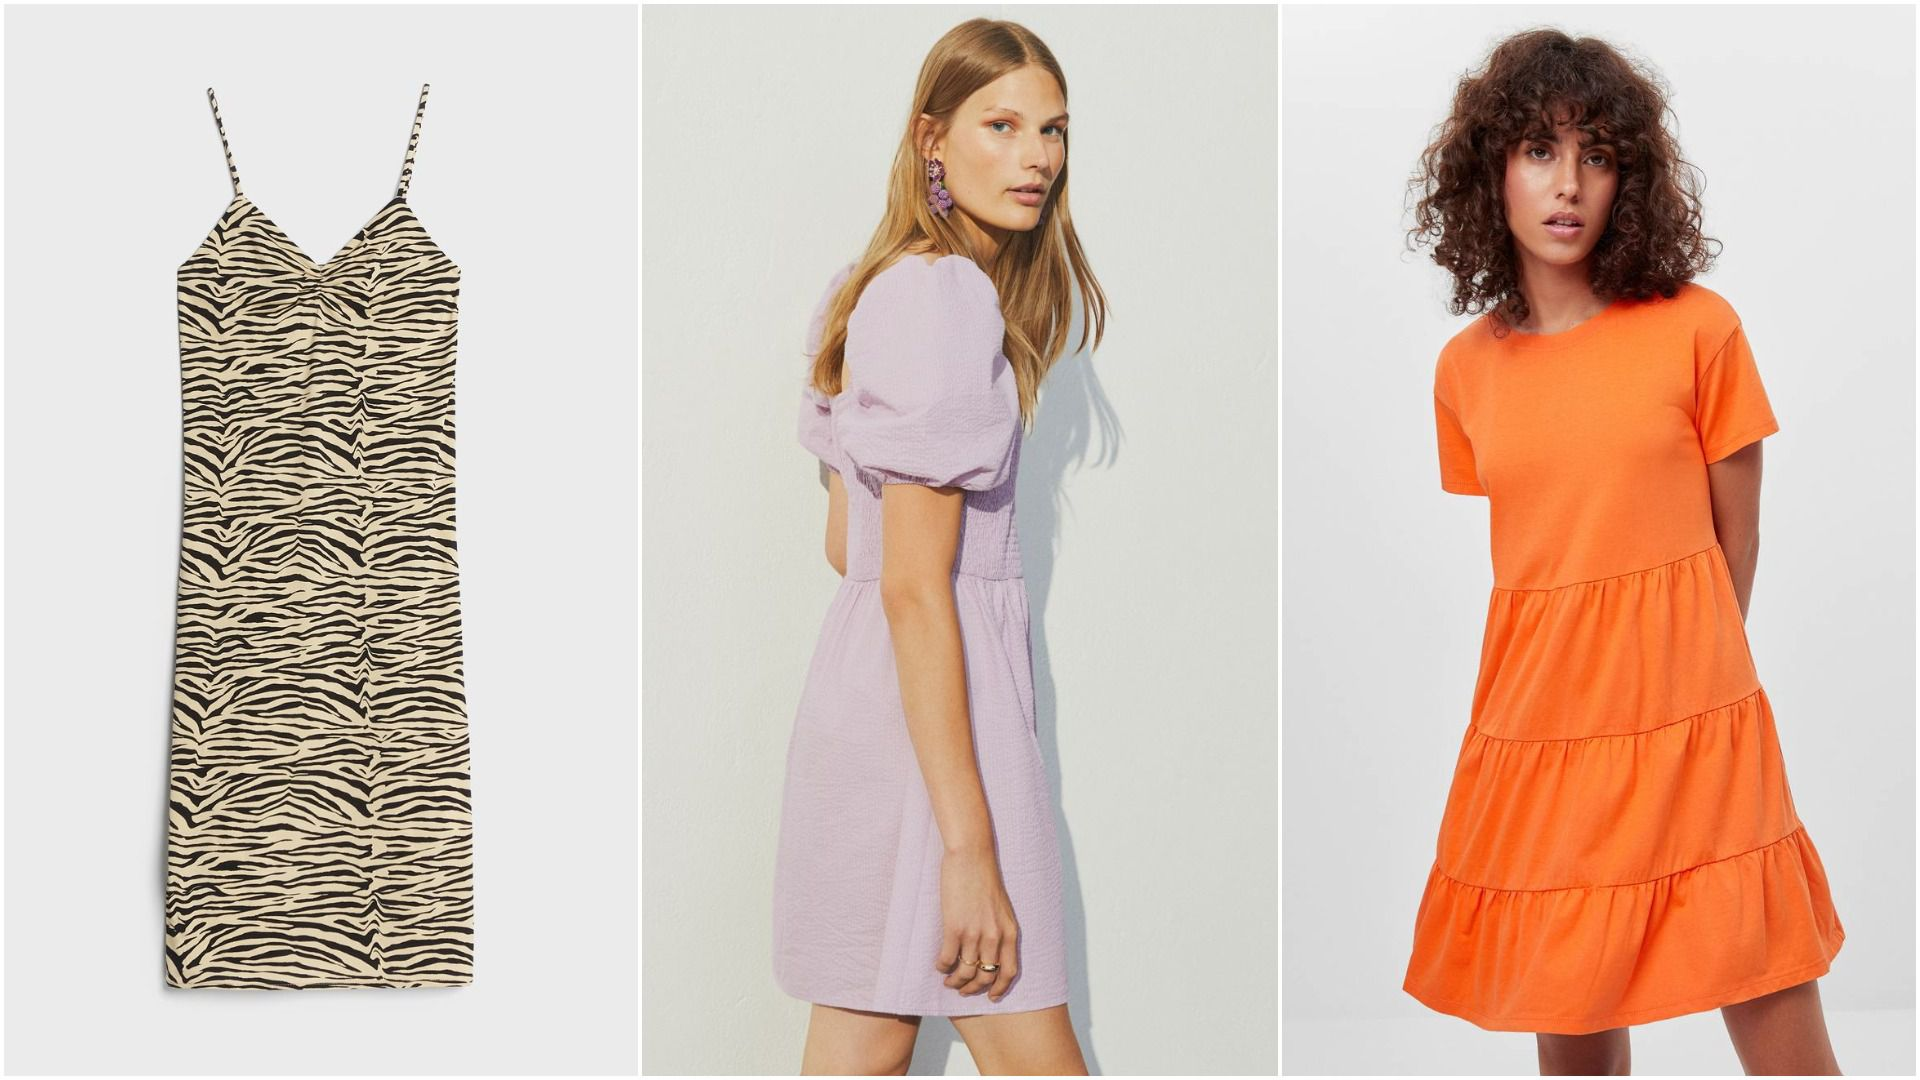 Najljepše haljine do 99 kn iz novih kolekcija: Bez obzira na to koji stil preferirate, pronaći ćete nešto za sebe